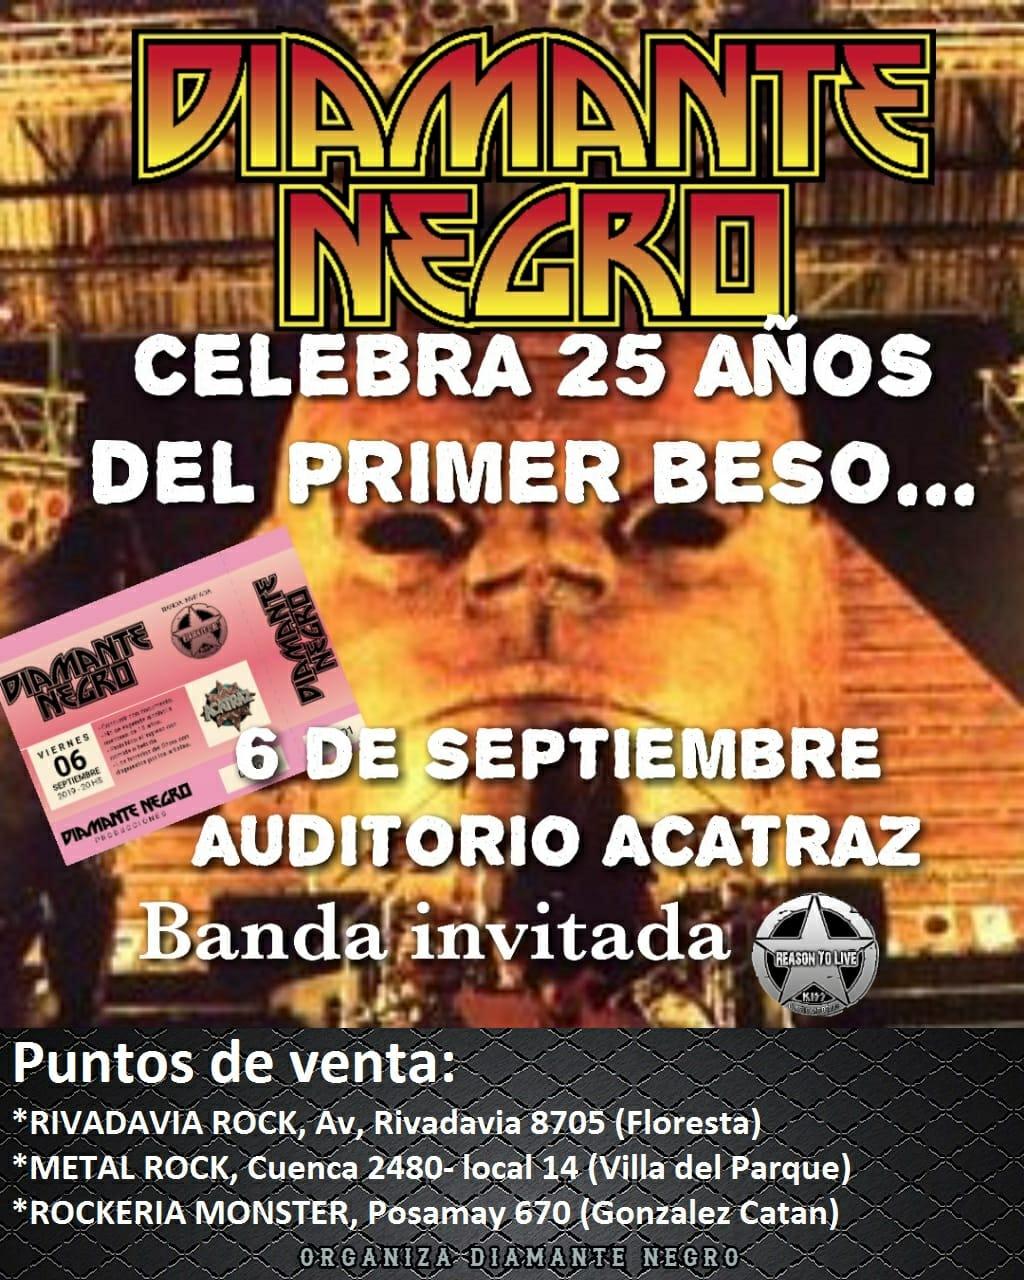 """Ya es oficial!!!! Tenemos el agrado de contarles que el 6 de septiembre estaremos festejando los 25 años del primer show de kiss en Argentina, espectaculo que hemos bautizado como """"25 años del primer beso!!"""" BANDA INVITADA: REASON TO LIVE!!! * Recrearemos el show de River completo!!! * Escenografia Kiss 94' * Entrada conmemorativa replica de Monsters of Rock 94' * Stand de merchandise de Karisma Remeras con motivos referentes a kiss Argentina 94 con fotos nunca antes vistas, proporcionadas del archivo del fotografo oficial de aquel evento. Las entradas podran ser adquiridas en Rivadavia Rock, Metal Rock y Rockeria Monster a partir del lunes 22 de junio. PROMOCION ESPECIAL!!: las primeras 100 entradas tendran un costo especial de $200, las cuales estaran repartidas entre los 3 puntos de venta, luego pasaran a costar $250, asi que no cuelgues en conseguirlas. Los esperamos a todos para formar parte de este gran festejo, Abrazo kisseros!!"""